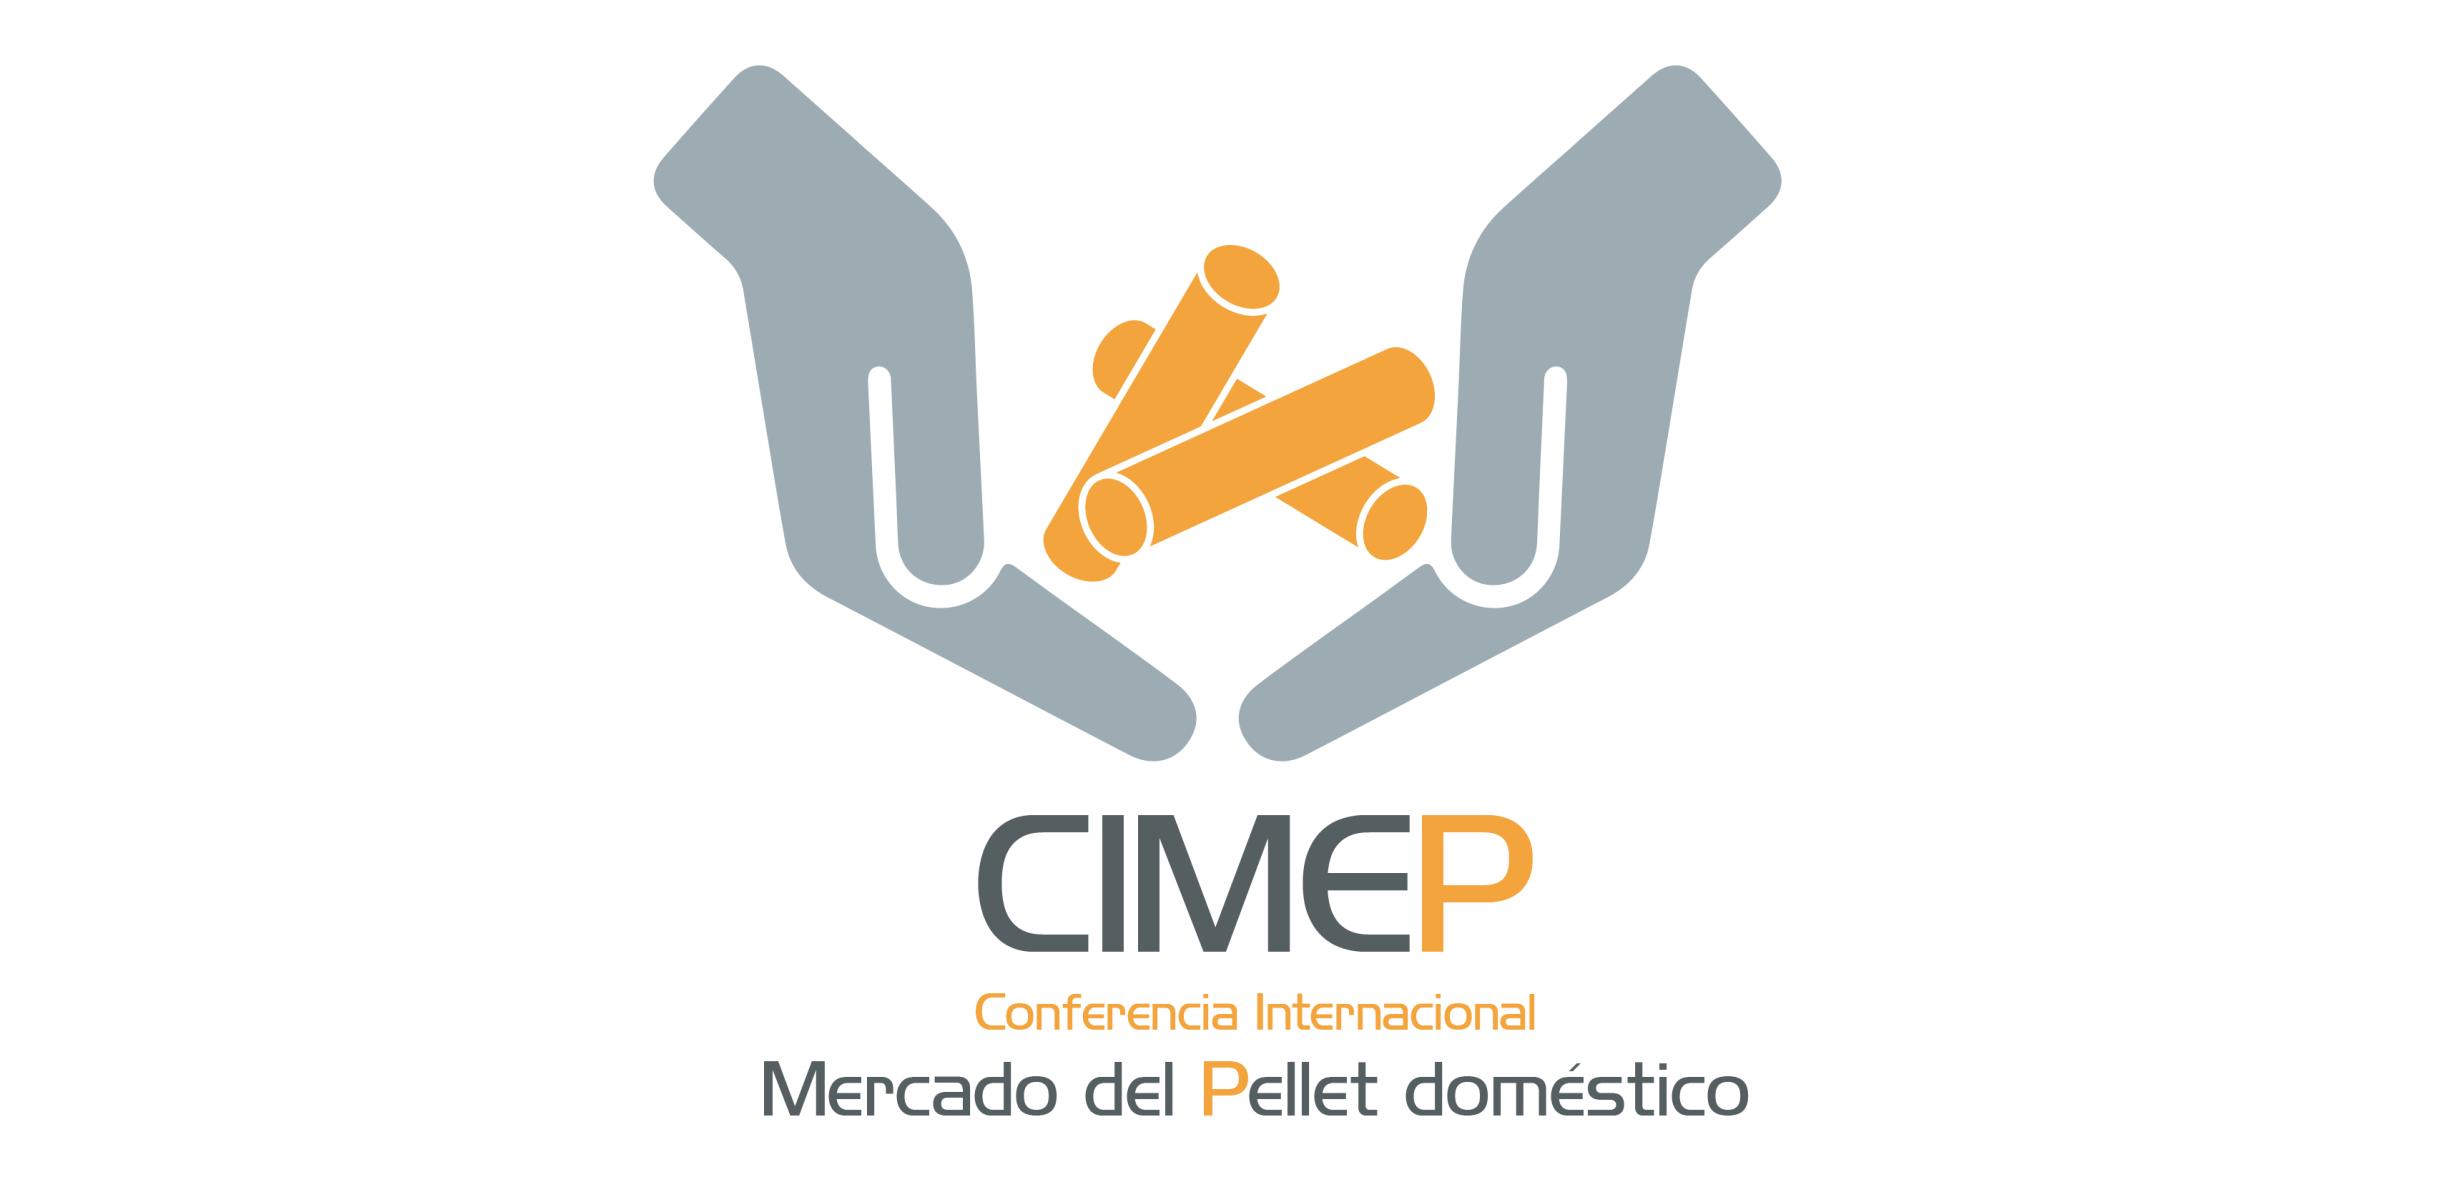 Cimep logo